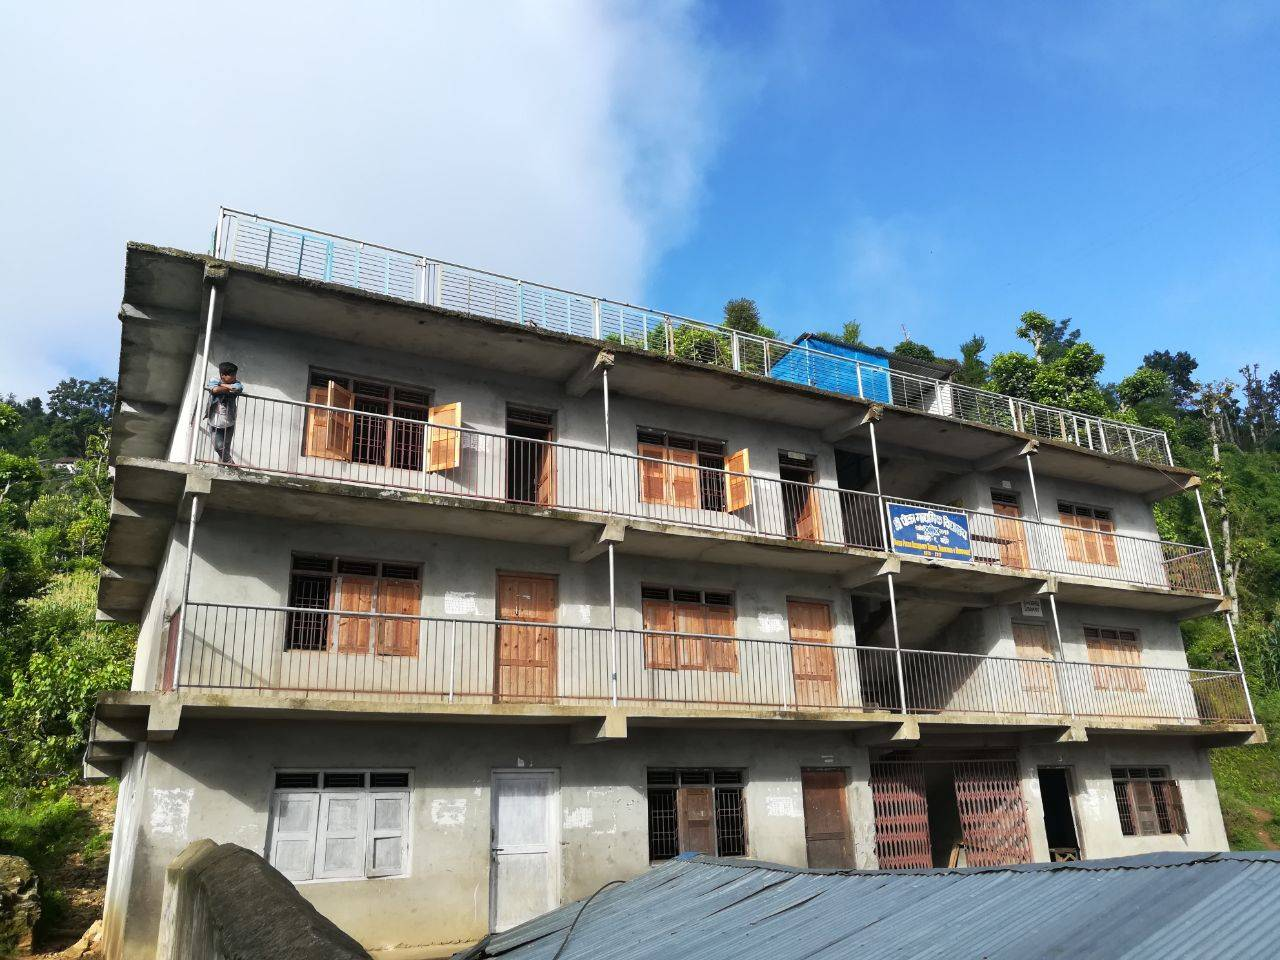 Unsere Primary School In Amalbas Erhielt Eine Großzügige Spende In Höhe Von  2000,00 U20ac Aus Dem Spendenlauf Der Partnerschule In Neufahrn.